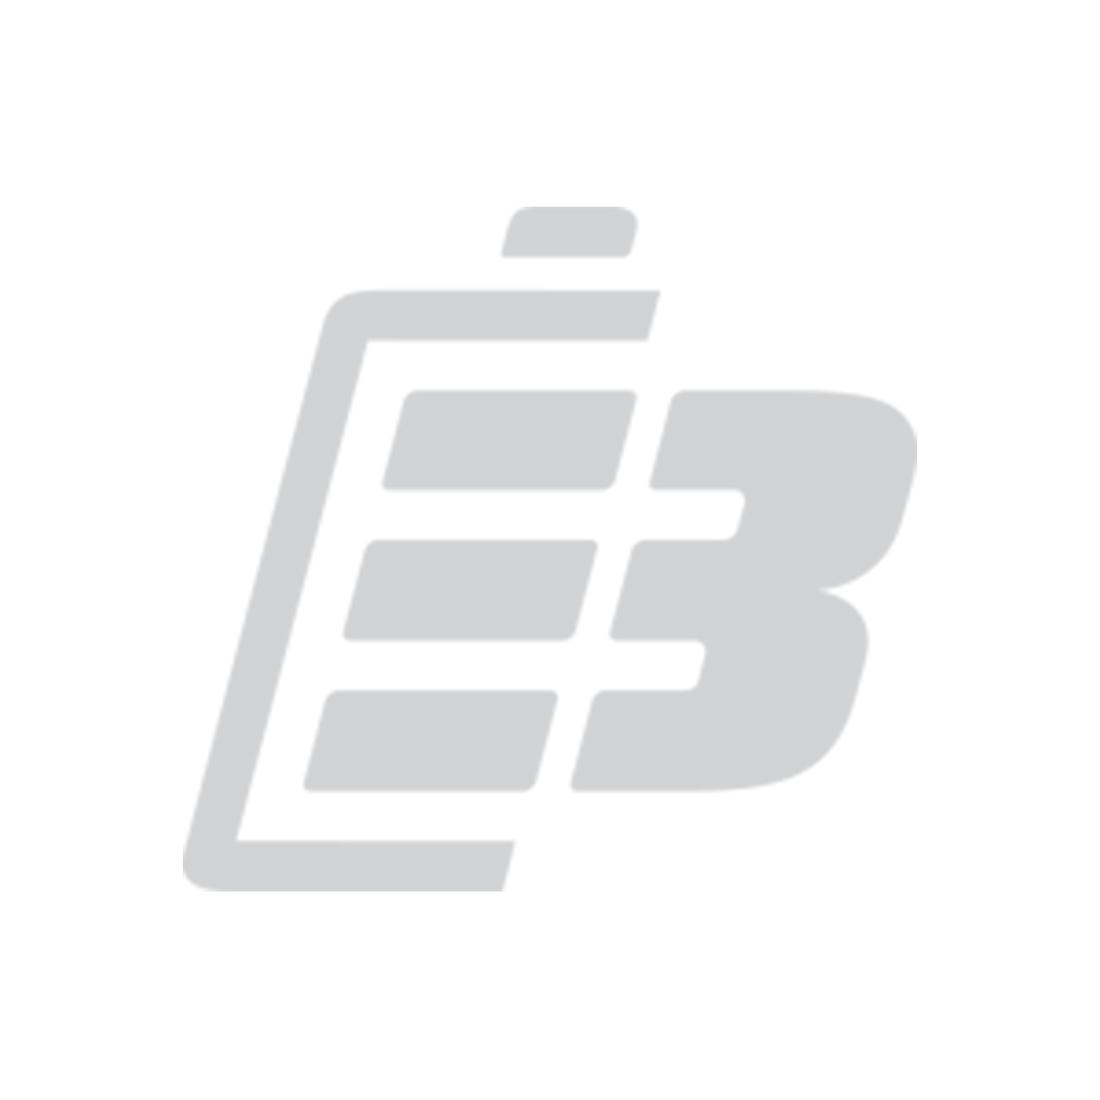 Μπαταρία κινητού τηλεφώνου LG KU900 Viewty_1